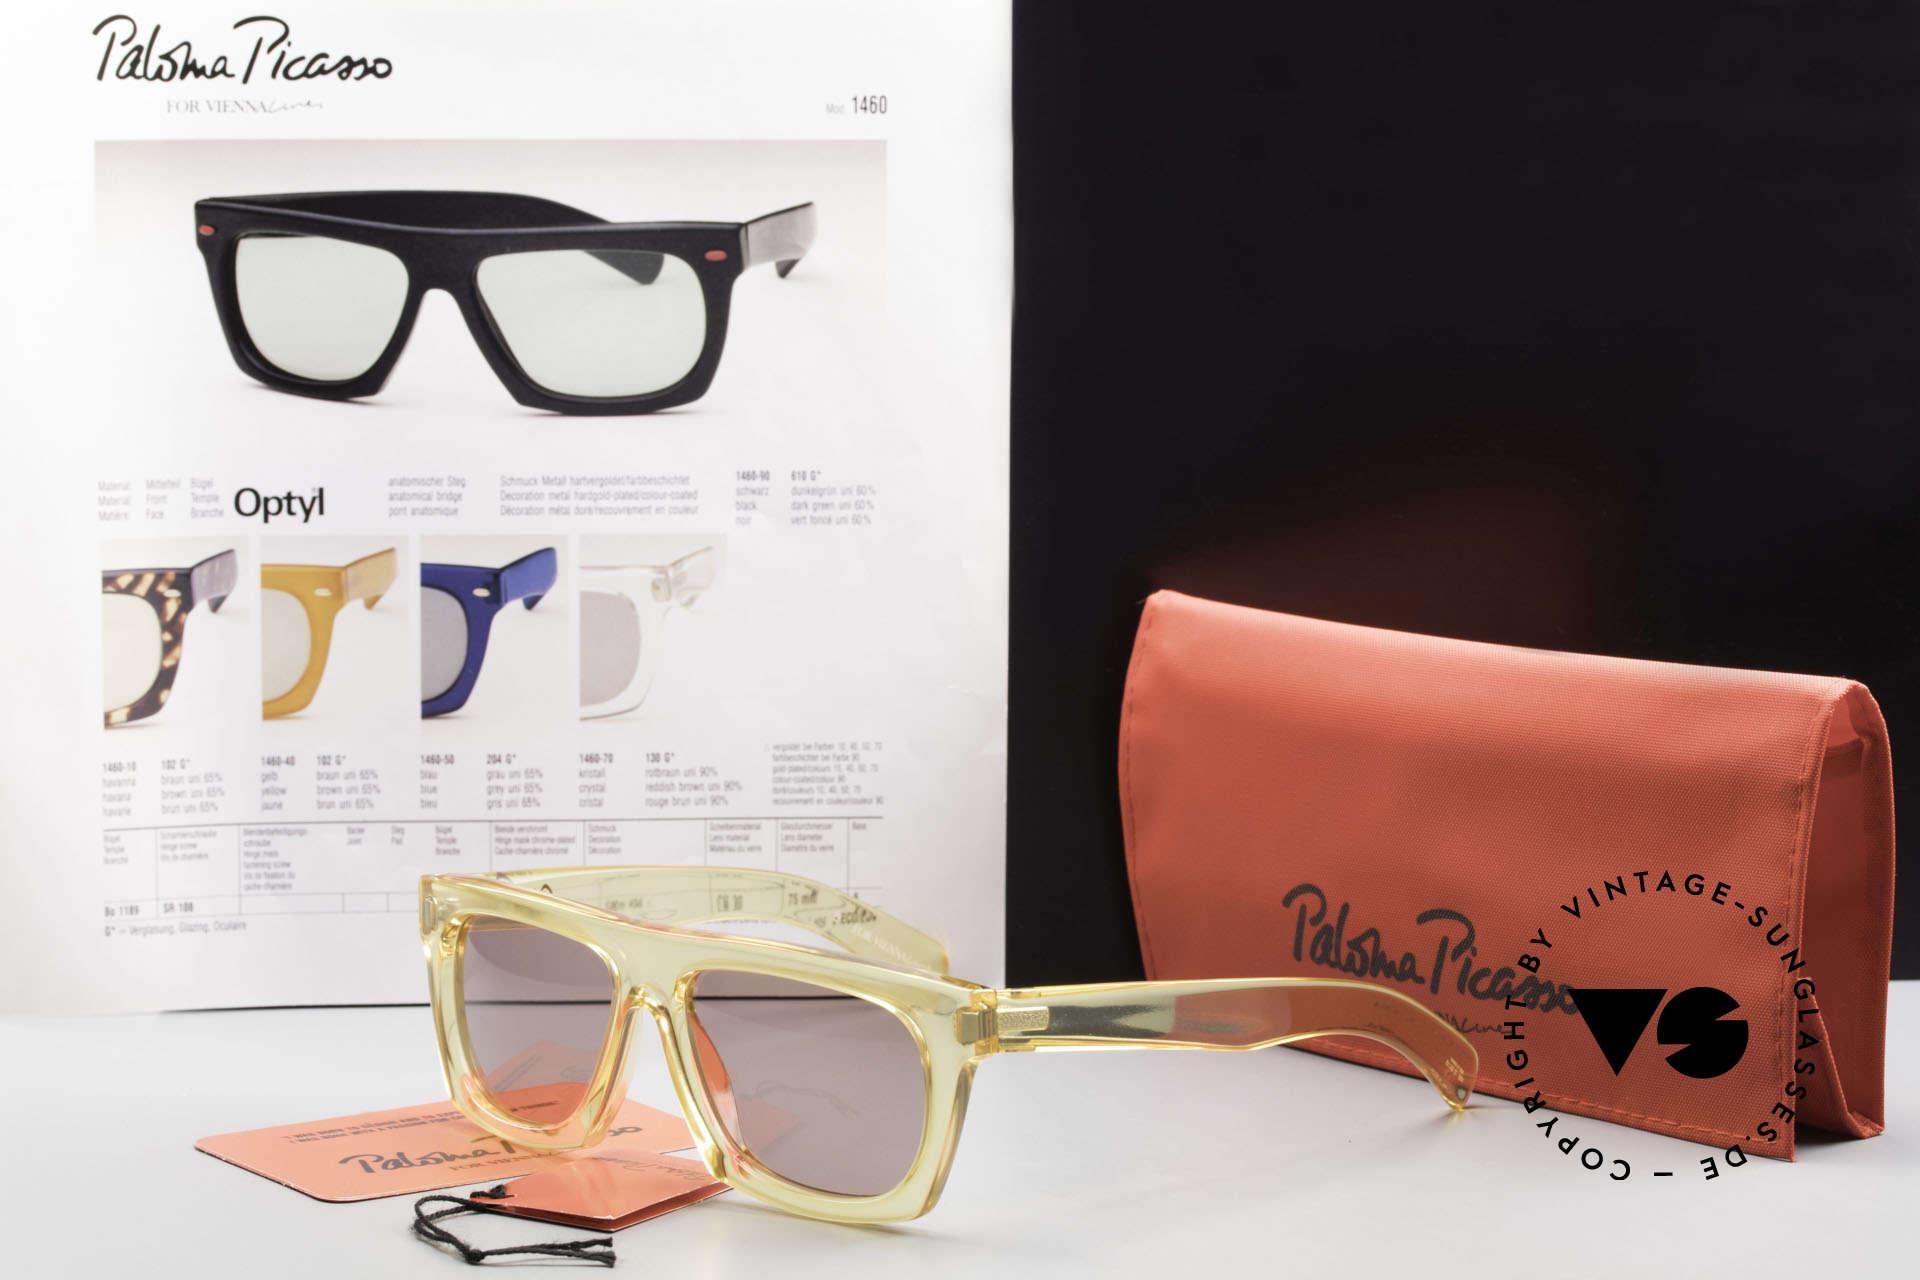 Paloma Picasso 1460 90er Original No Retrobrille, Sonnengläser (100% UV) und mit original P.P. Etui, Passend für Herren und Damen